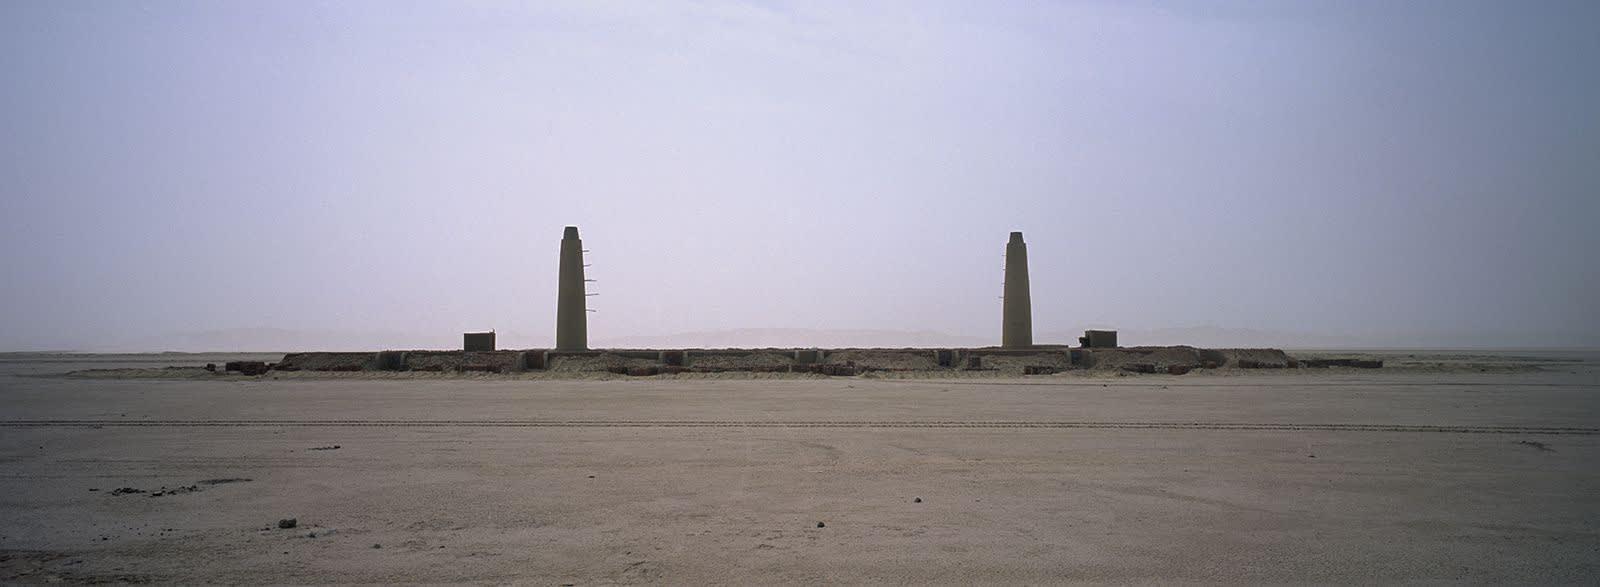 Matjaž Krivic, Quetta, Pakistan, 2002 – 2006